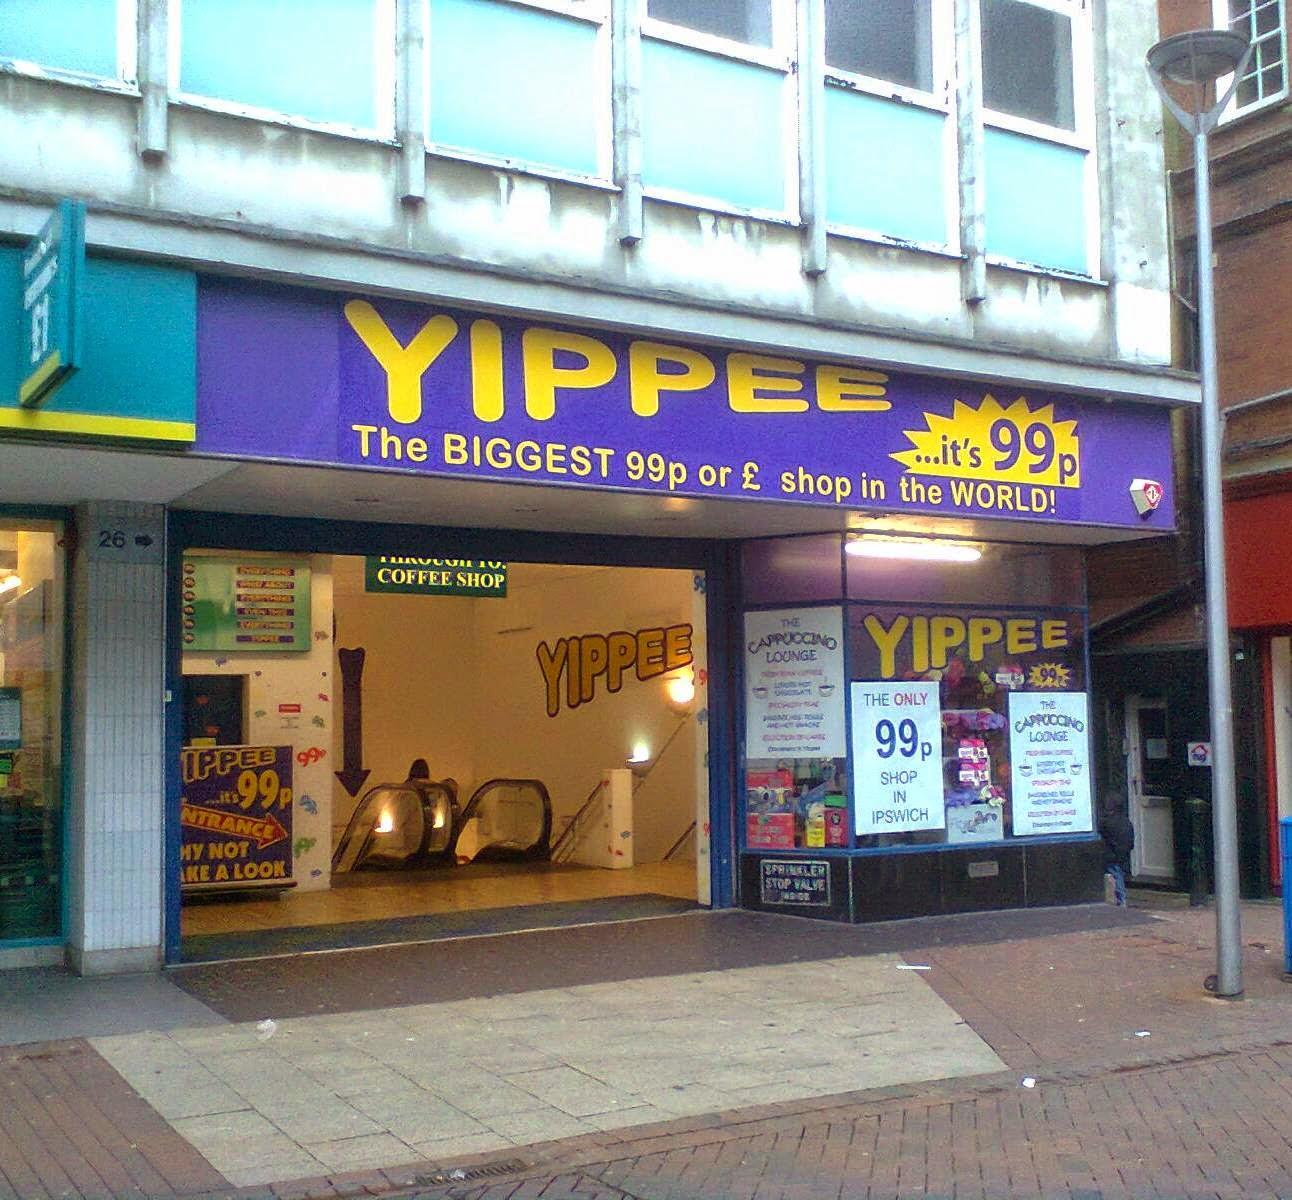 Pound shop in Ipswich